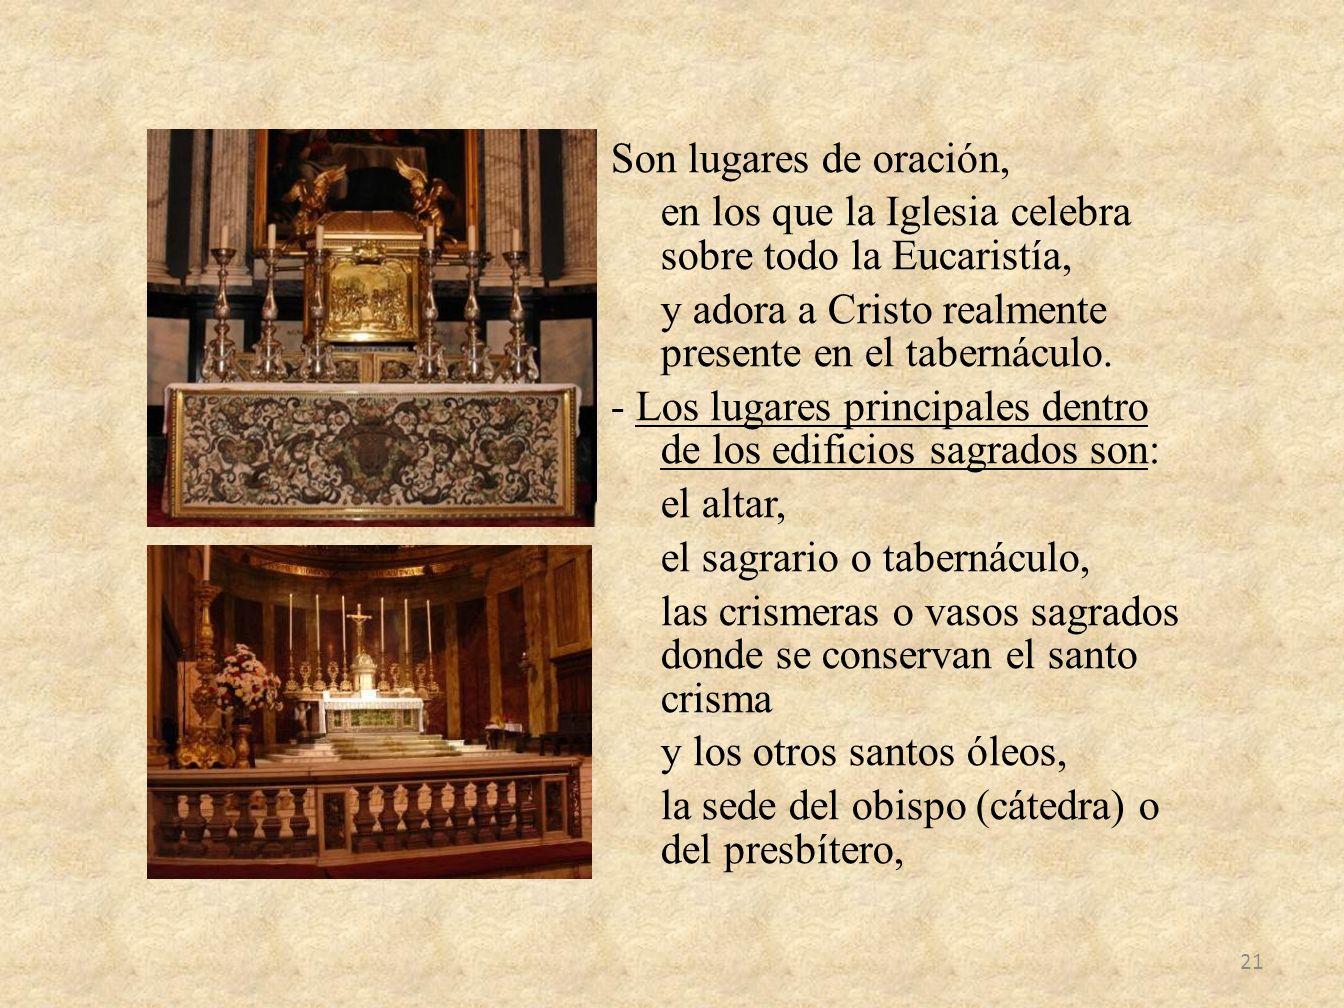 Son lugares de oración, en los que la Iglesia celebra sobre todo la Eucaristía, y adora a Cristo realmente presente en el tabernáculo.